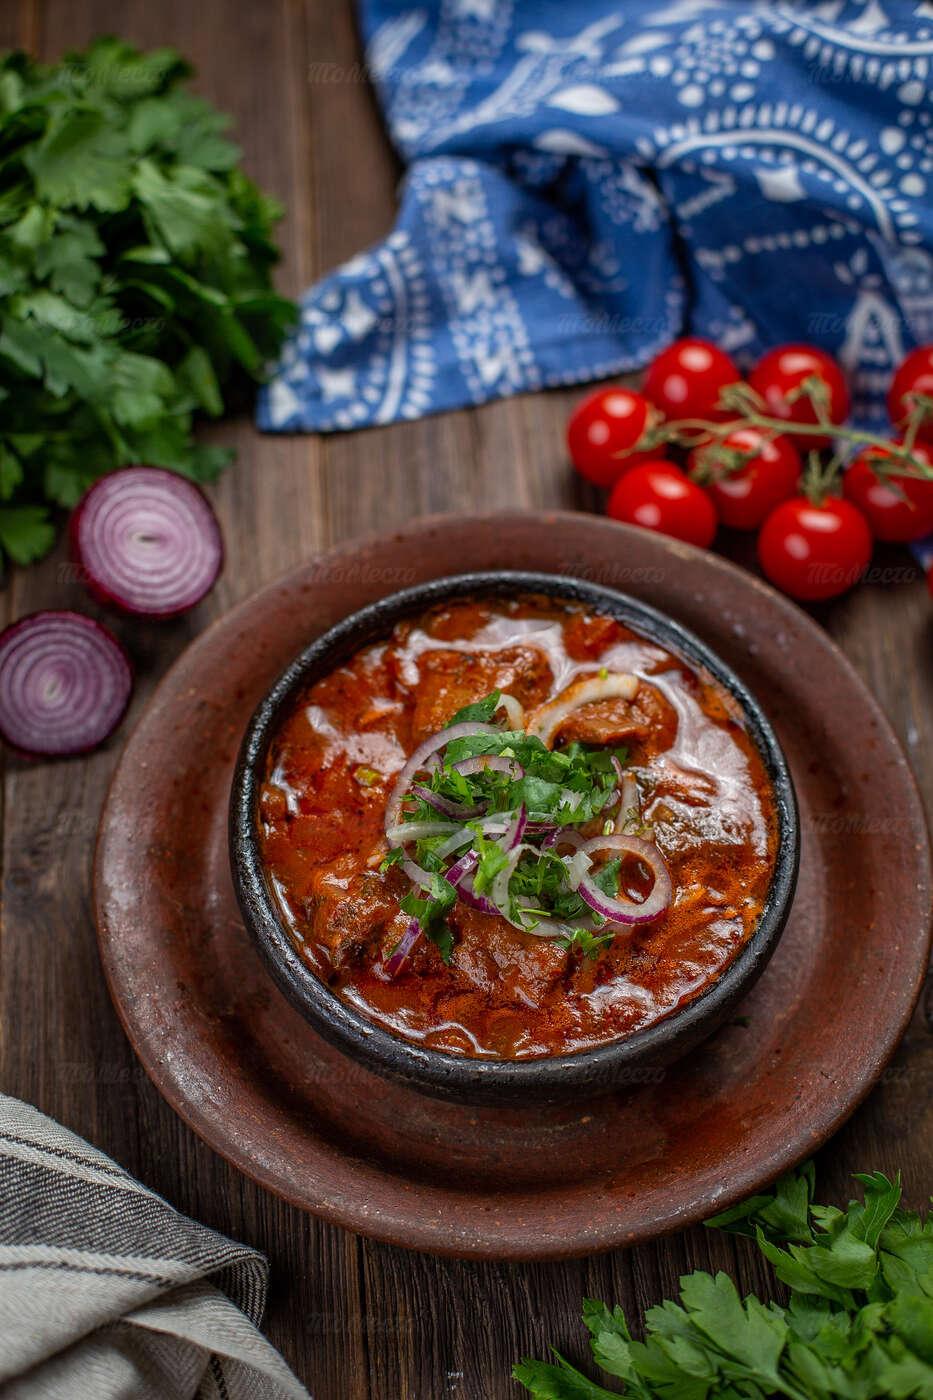 Меню кафе Хинкали & Хачапури на Димитрова фото 29